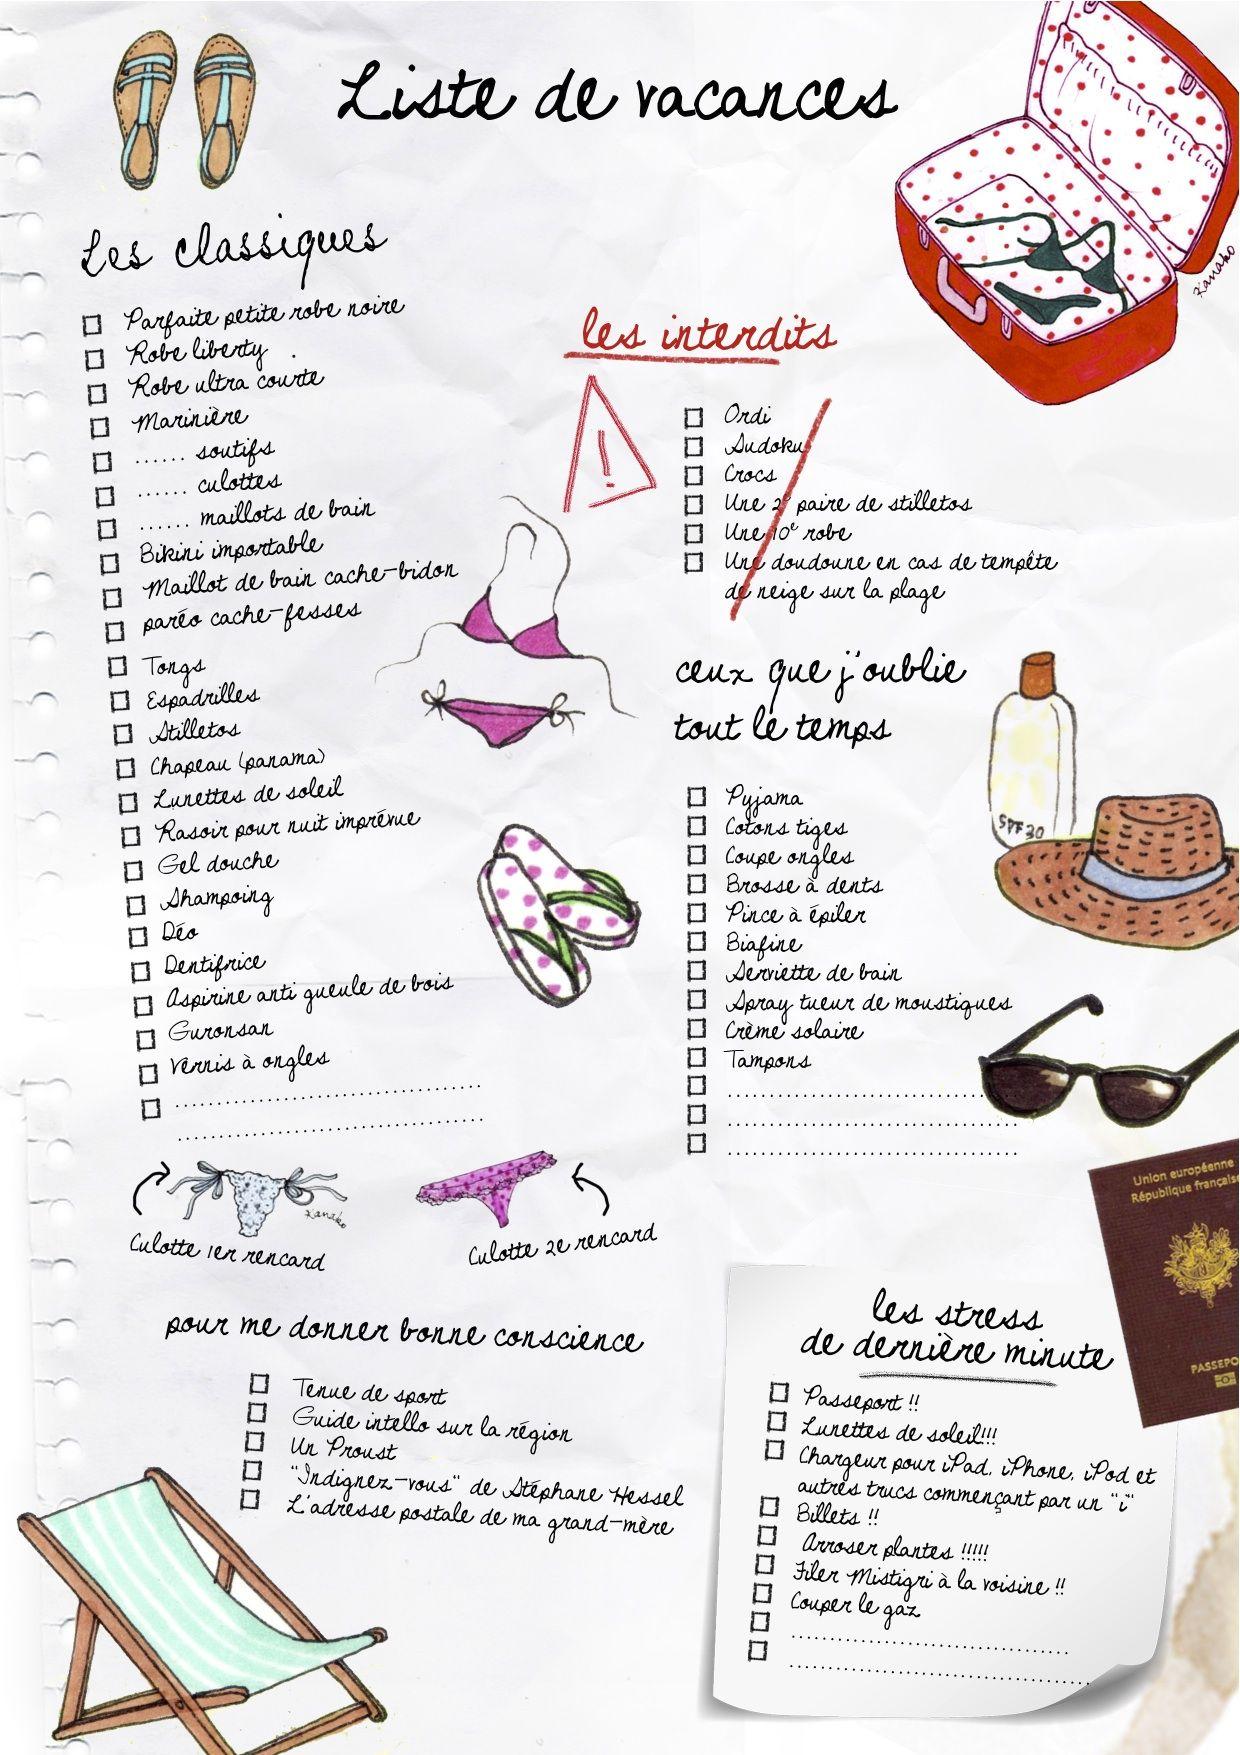 Tics en fle faire une liste de vacances - Nom de journal espagnol ...